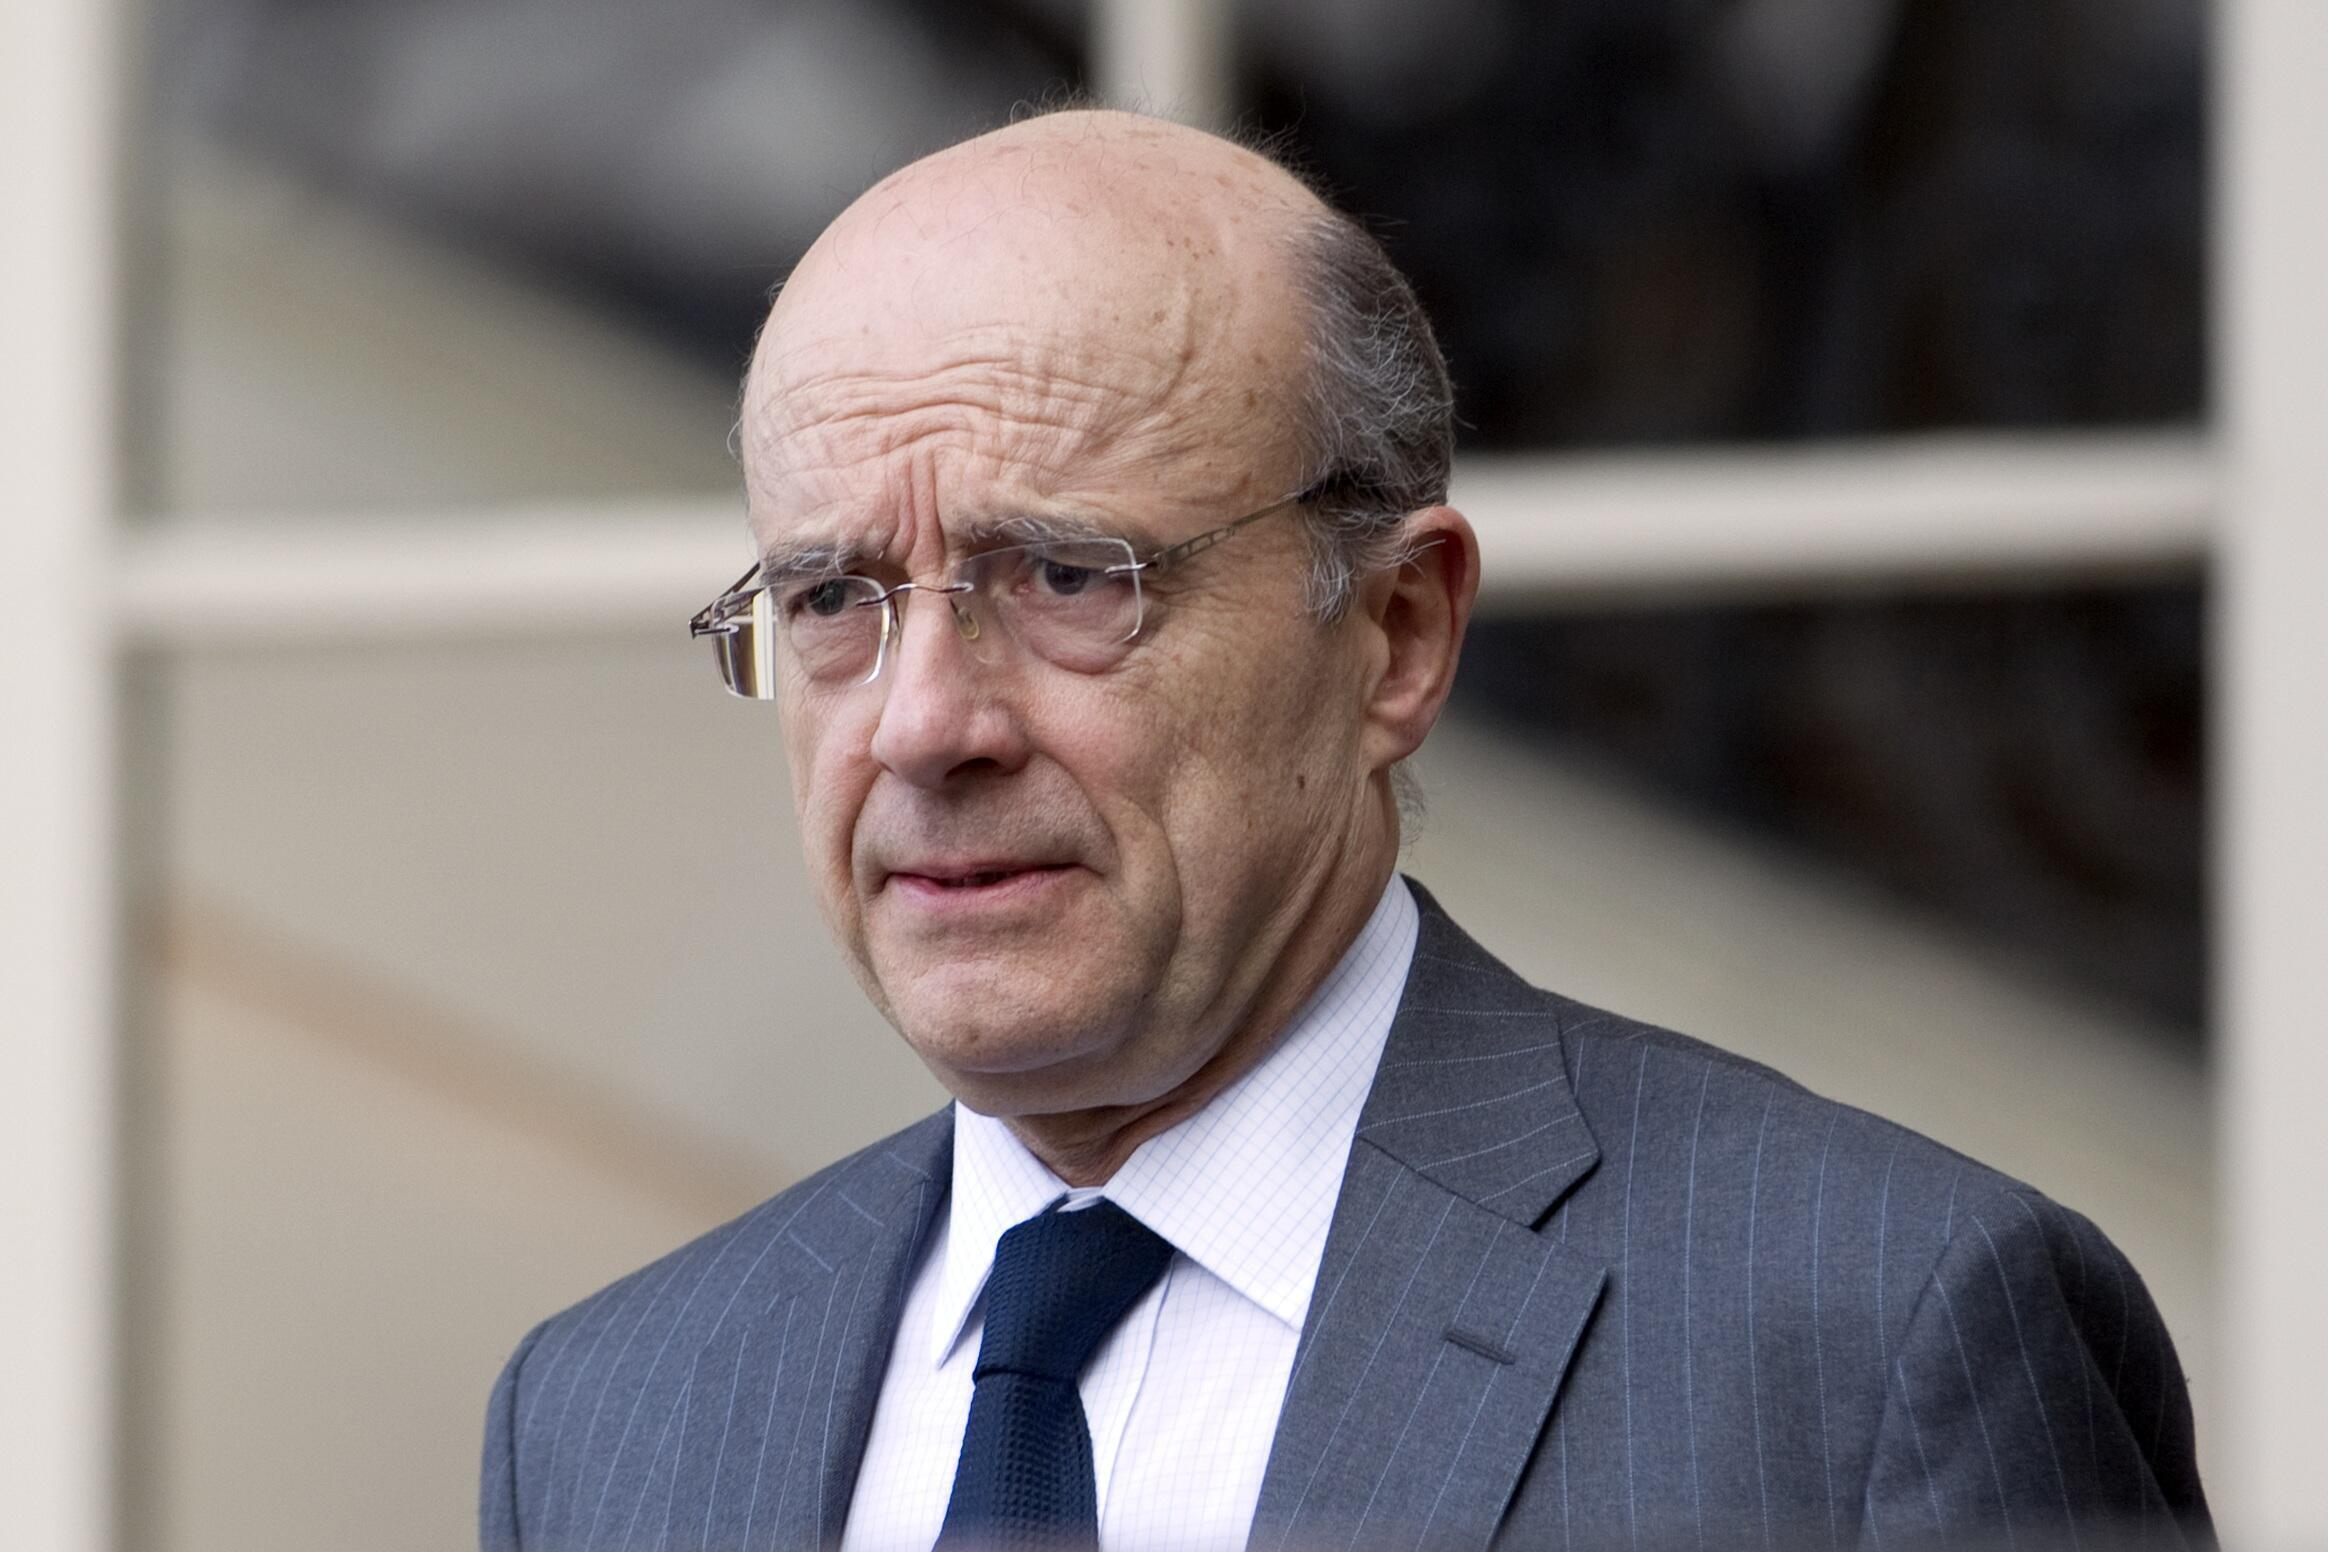 Le ministre français des Affaires étrangères Alain Juppé.